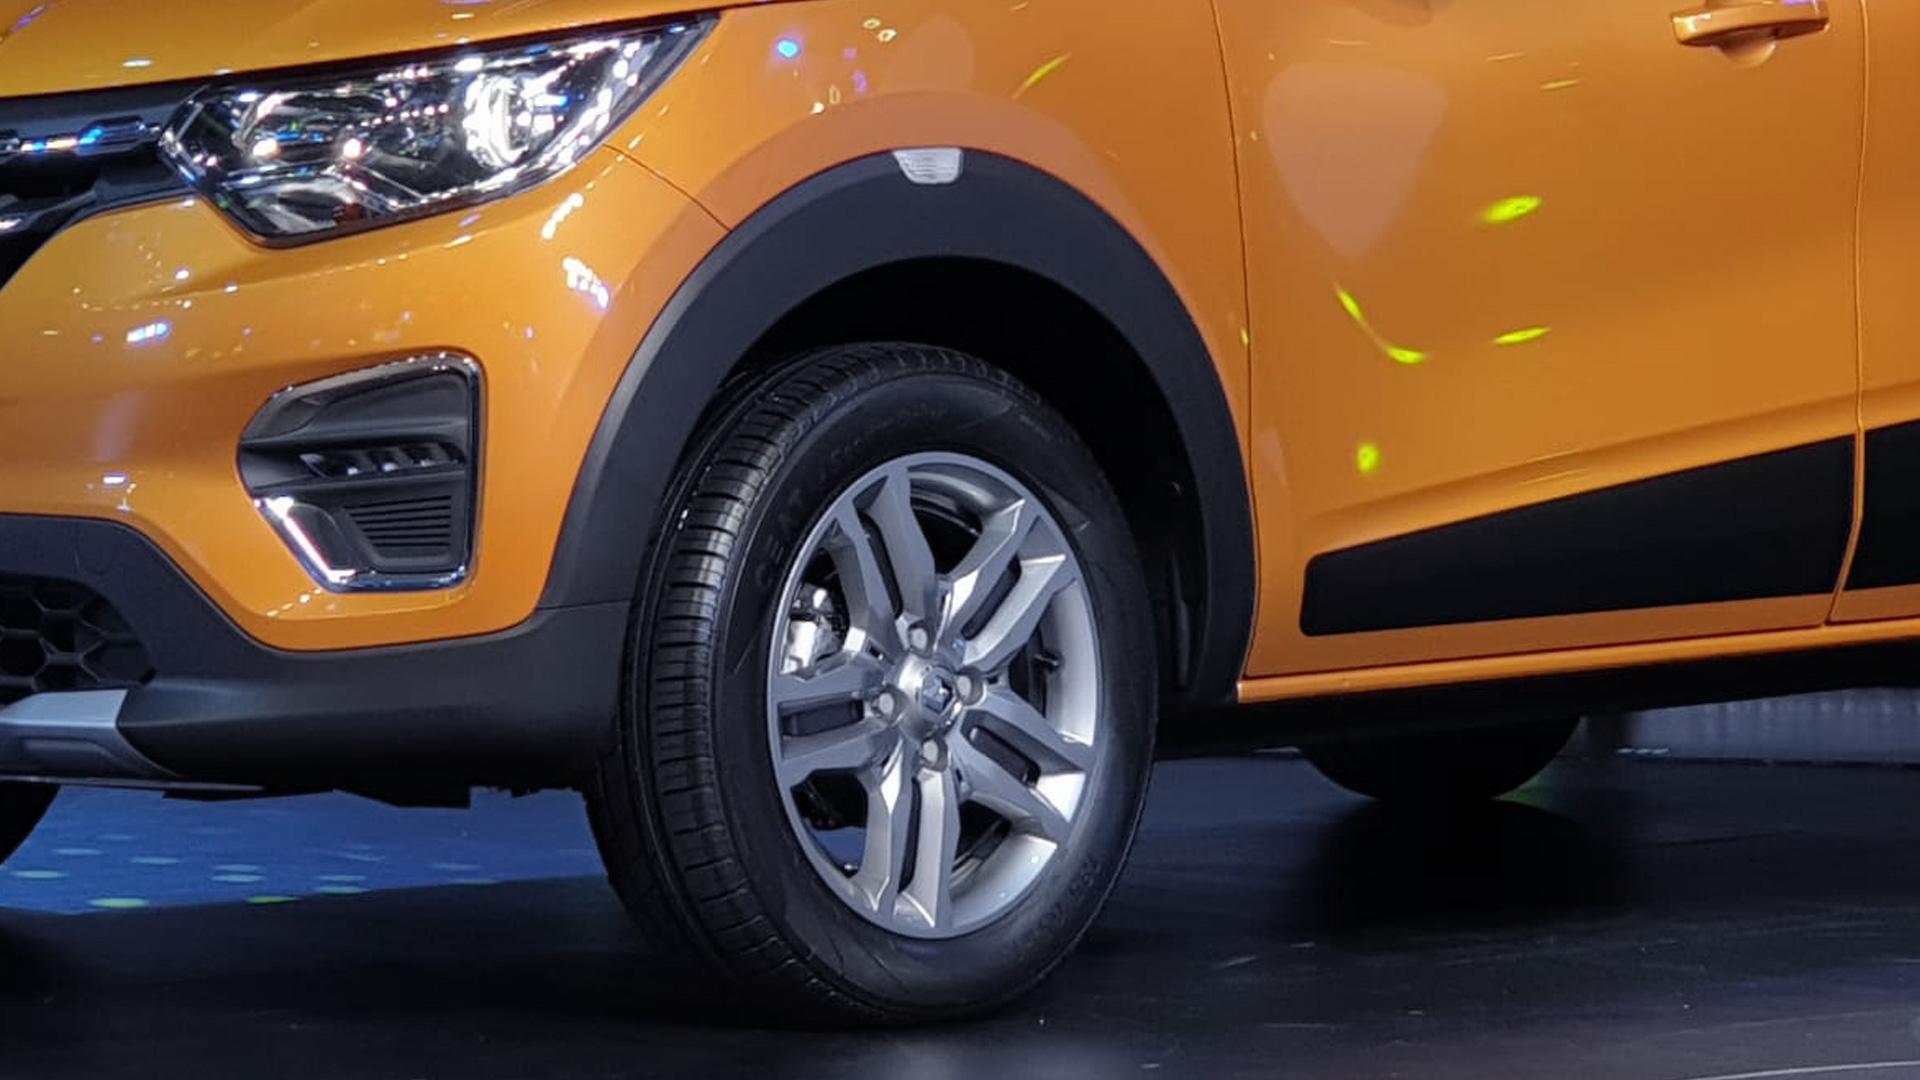 रेनॉ का कहना है कि Triber कोई MPV नहीं है, बल्कि ये अपना ही एक नया सेगमेंट बनाएगी. ये मॉडल लाइन-अप में क्विड और डस्टर के बीच में रहेगी. रेनॉ ट्राइबर के लॉन्च होते ही उसका सीधा Maruti Suzuki Swift और Hyundai Grand i10 से होगा.